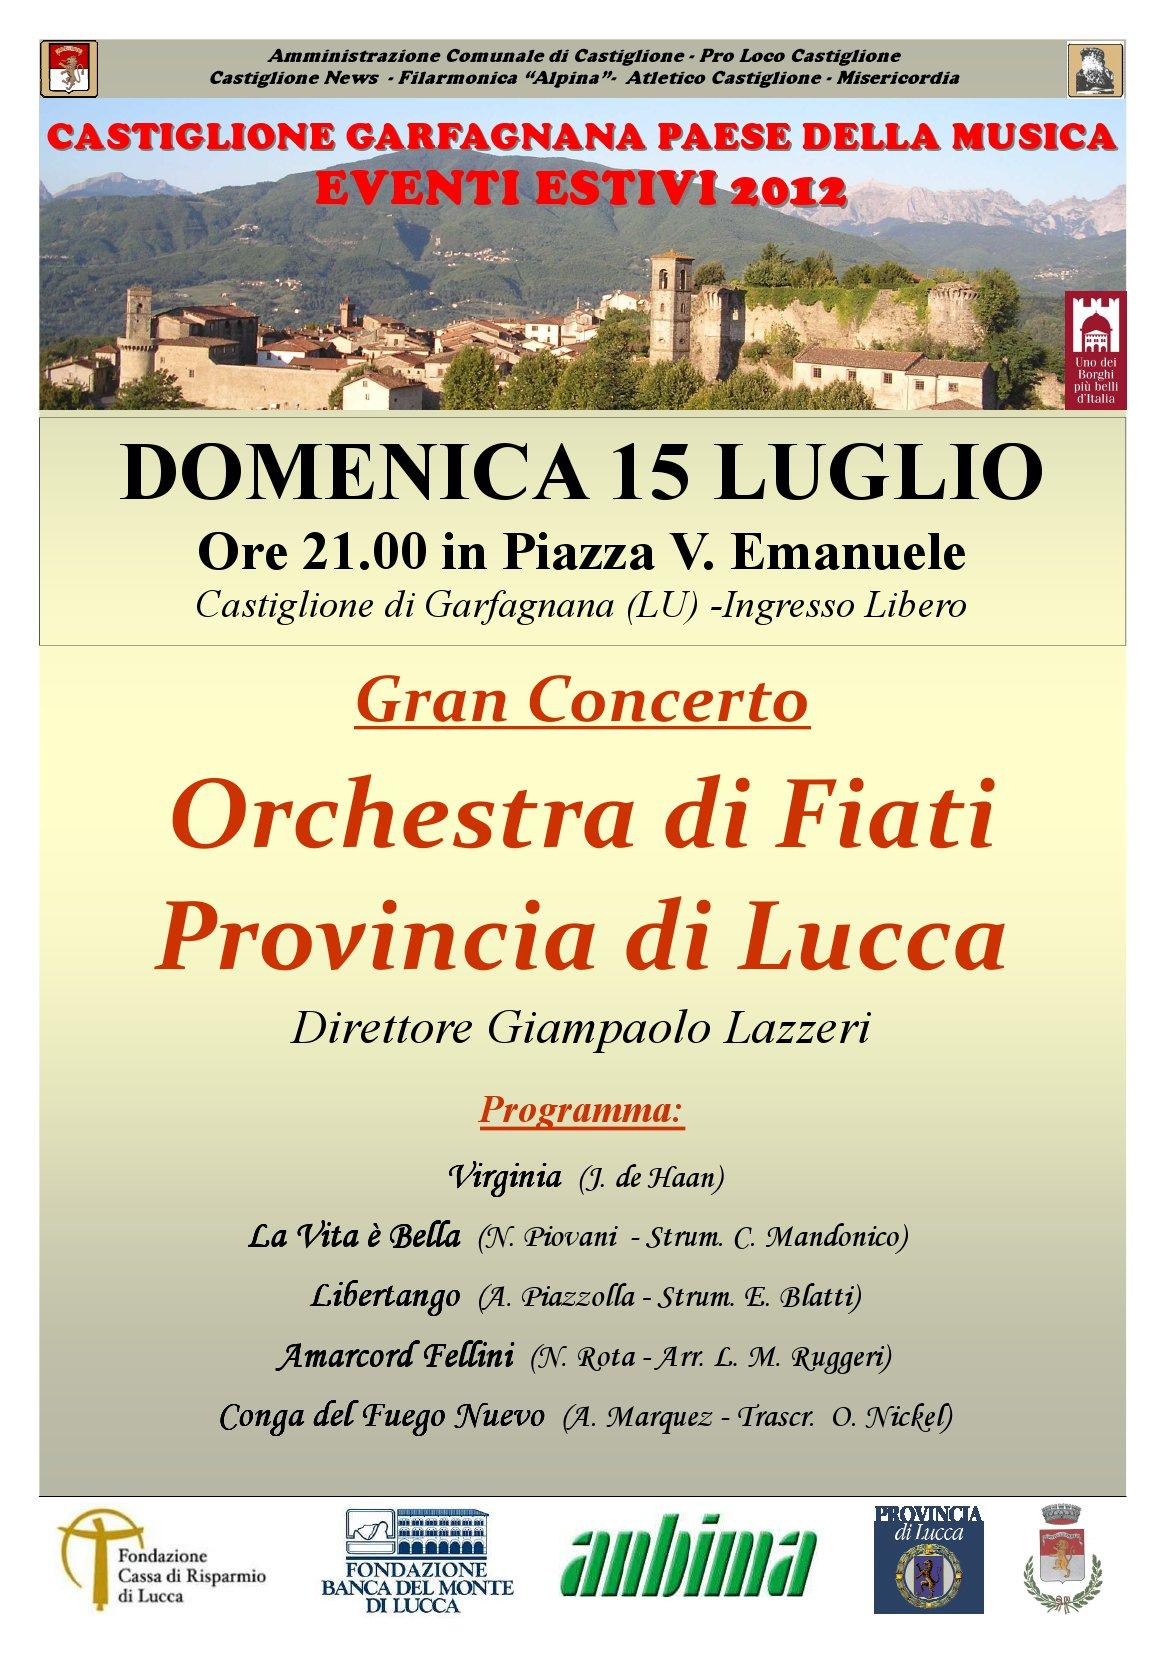 Concerto Orchestra Fiati 15 luglio 2012